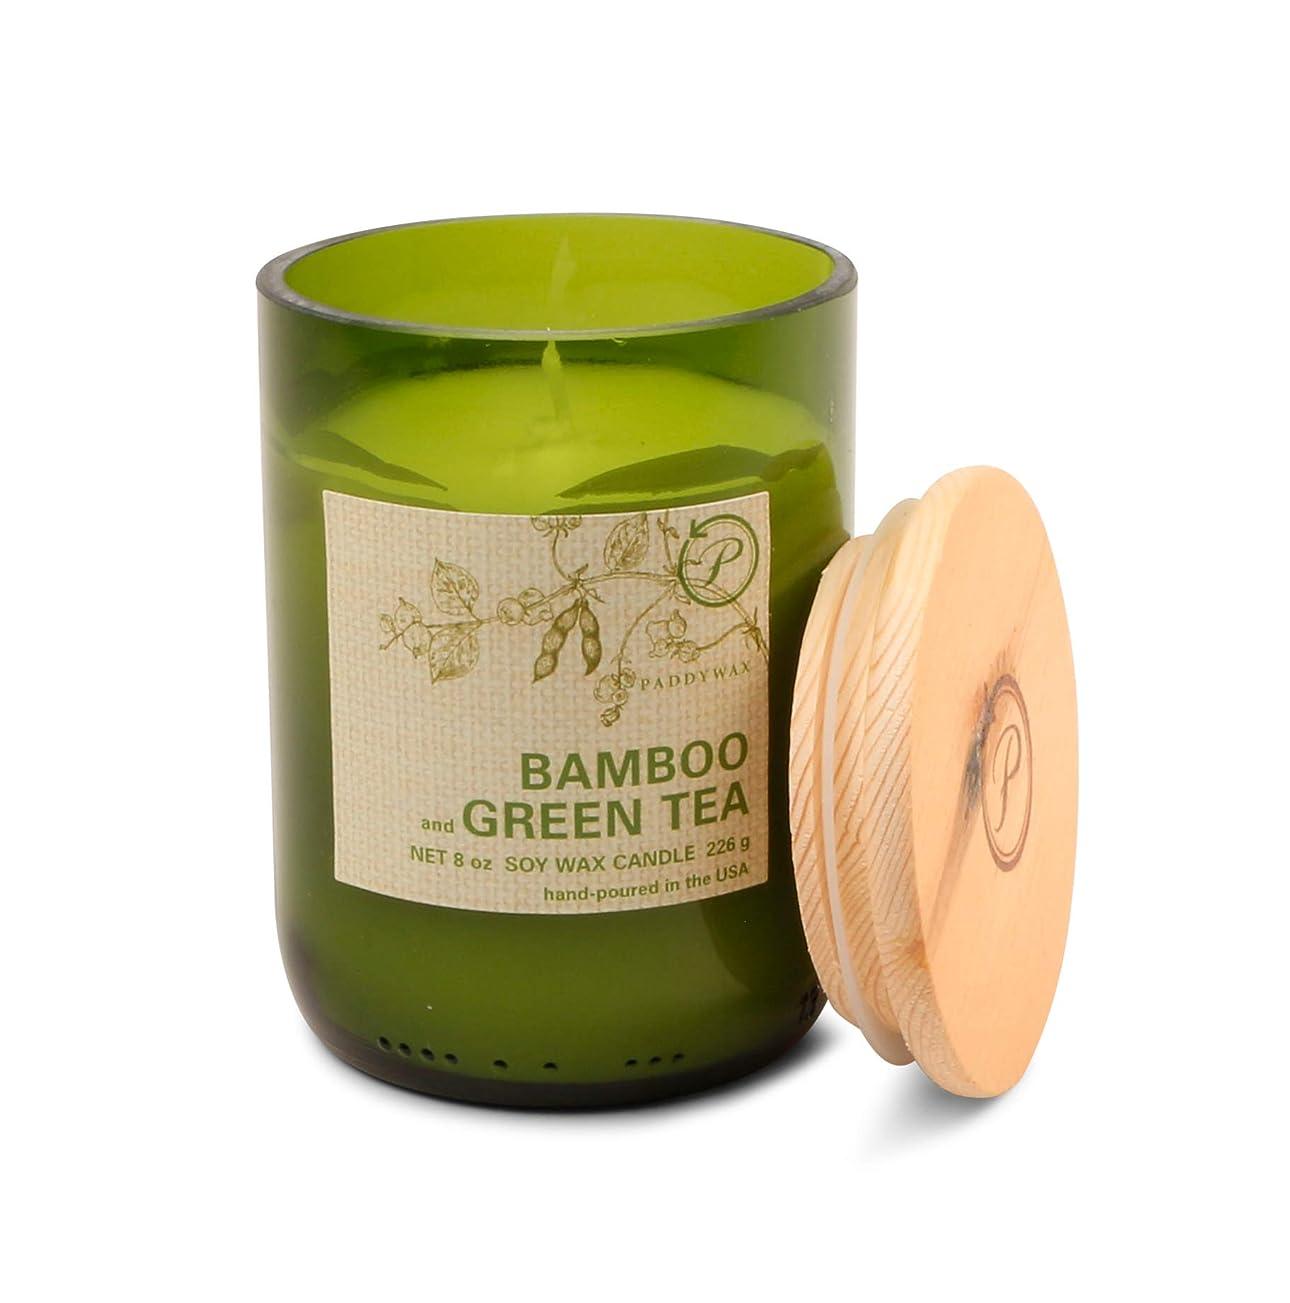 セッティングスケッチオリエンタルパディワックス(PADDYWAX) エコ?グリーン キャンドル(ECO GREEN Candle) バンブー & グリーンティー(BAMBOO and GREEN TEA)